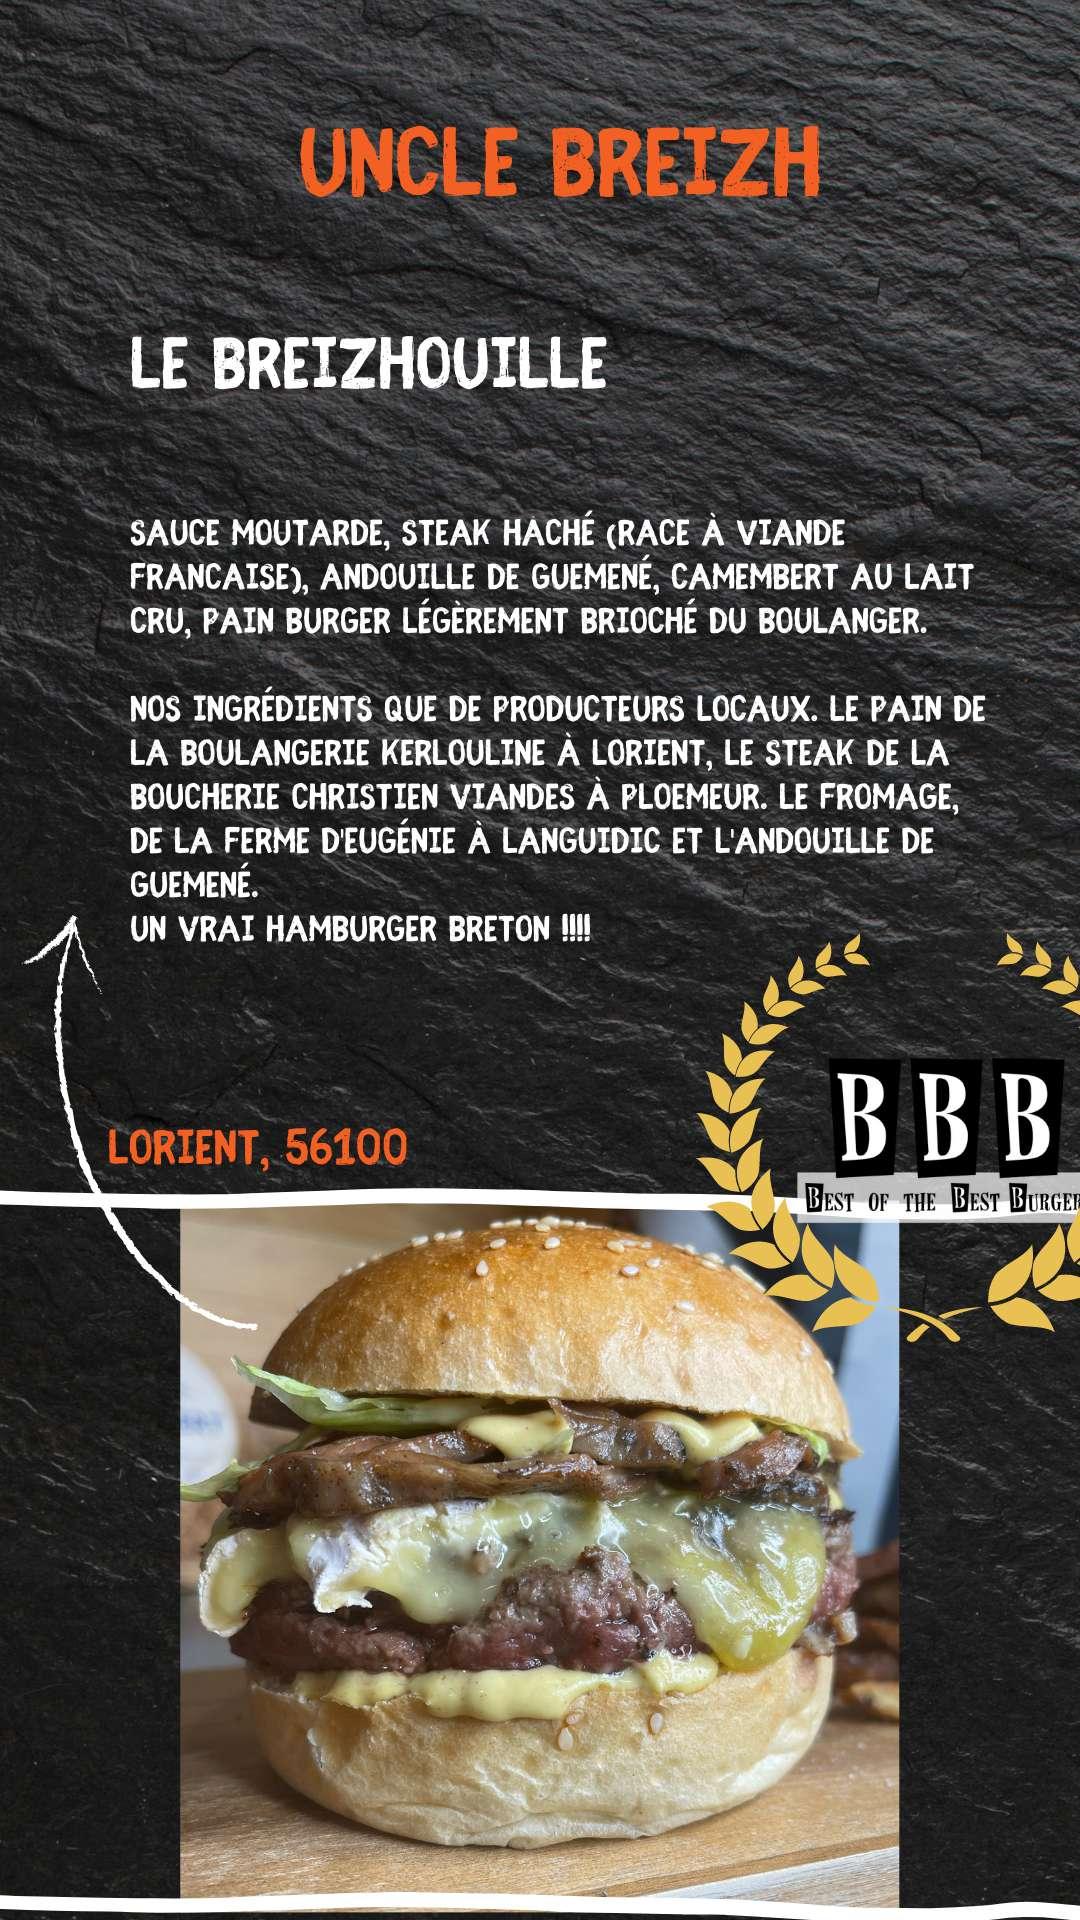 Burger de l'Oncle Breizh